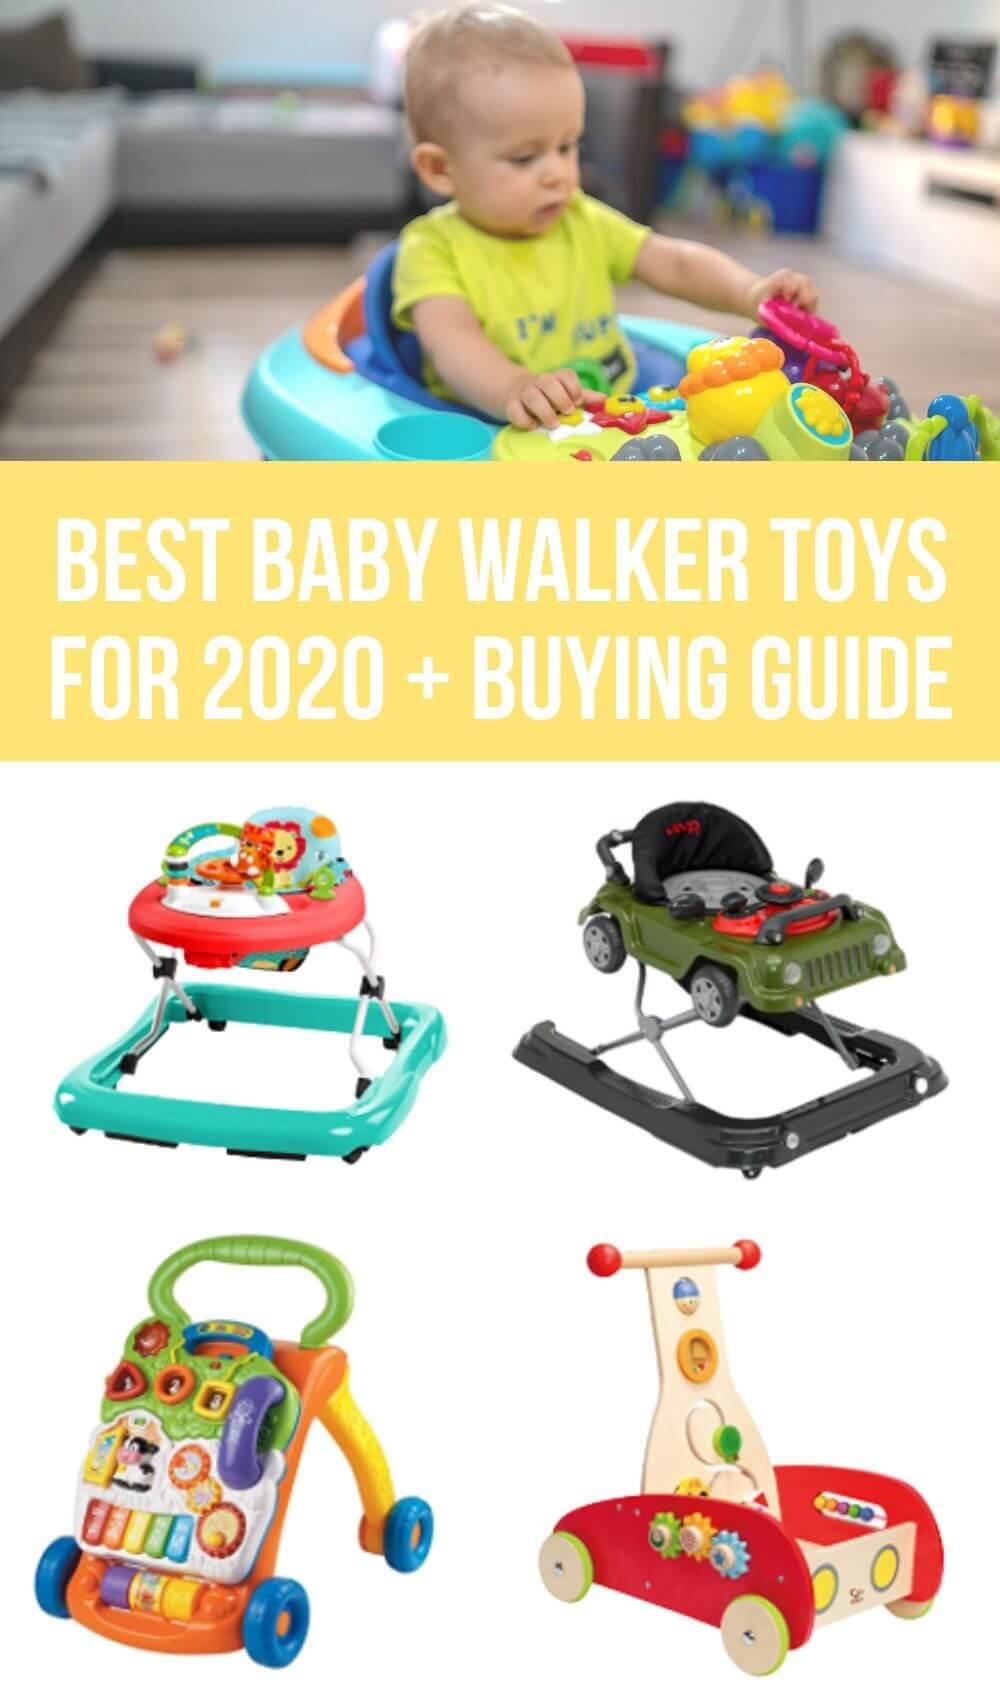 Top Baby Walker Toys